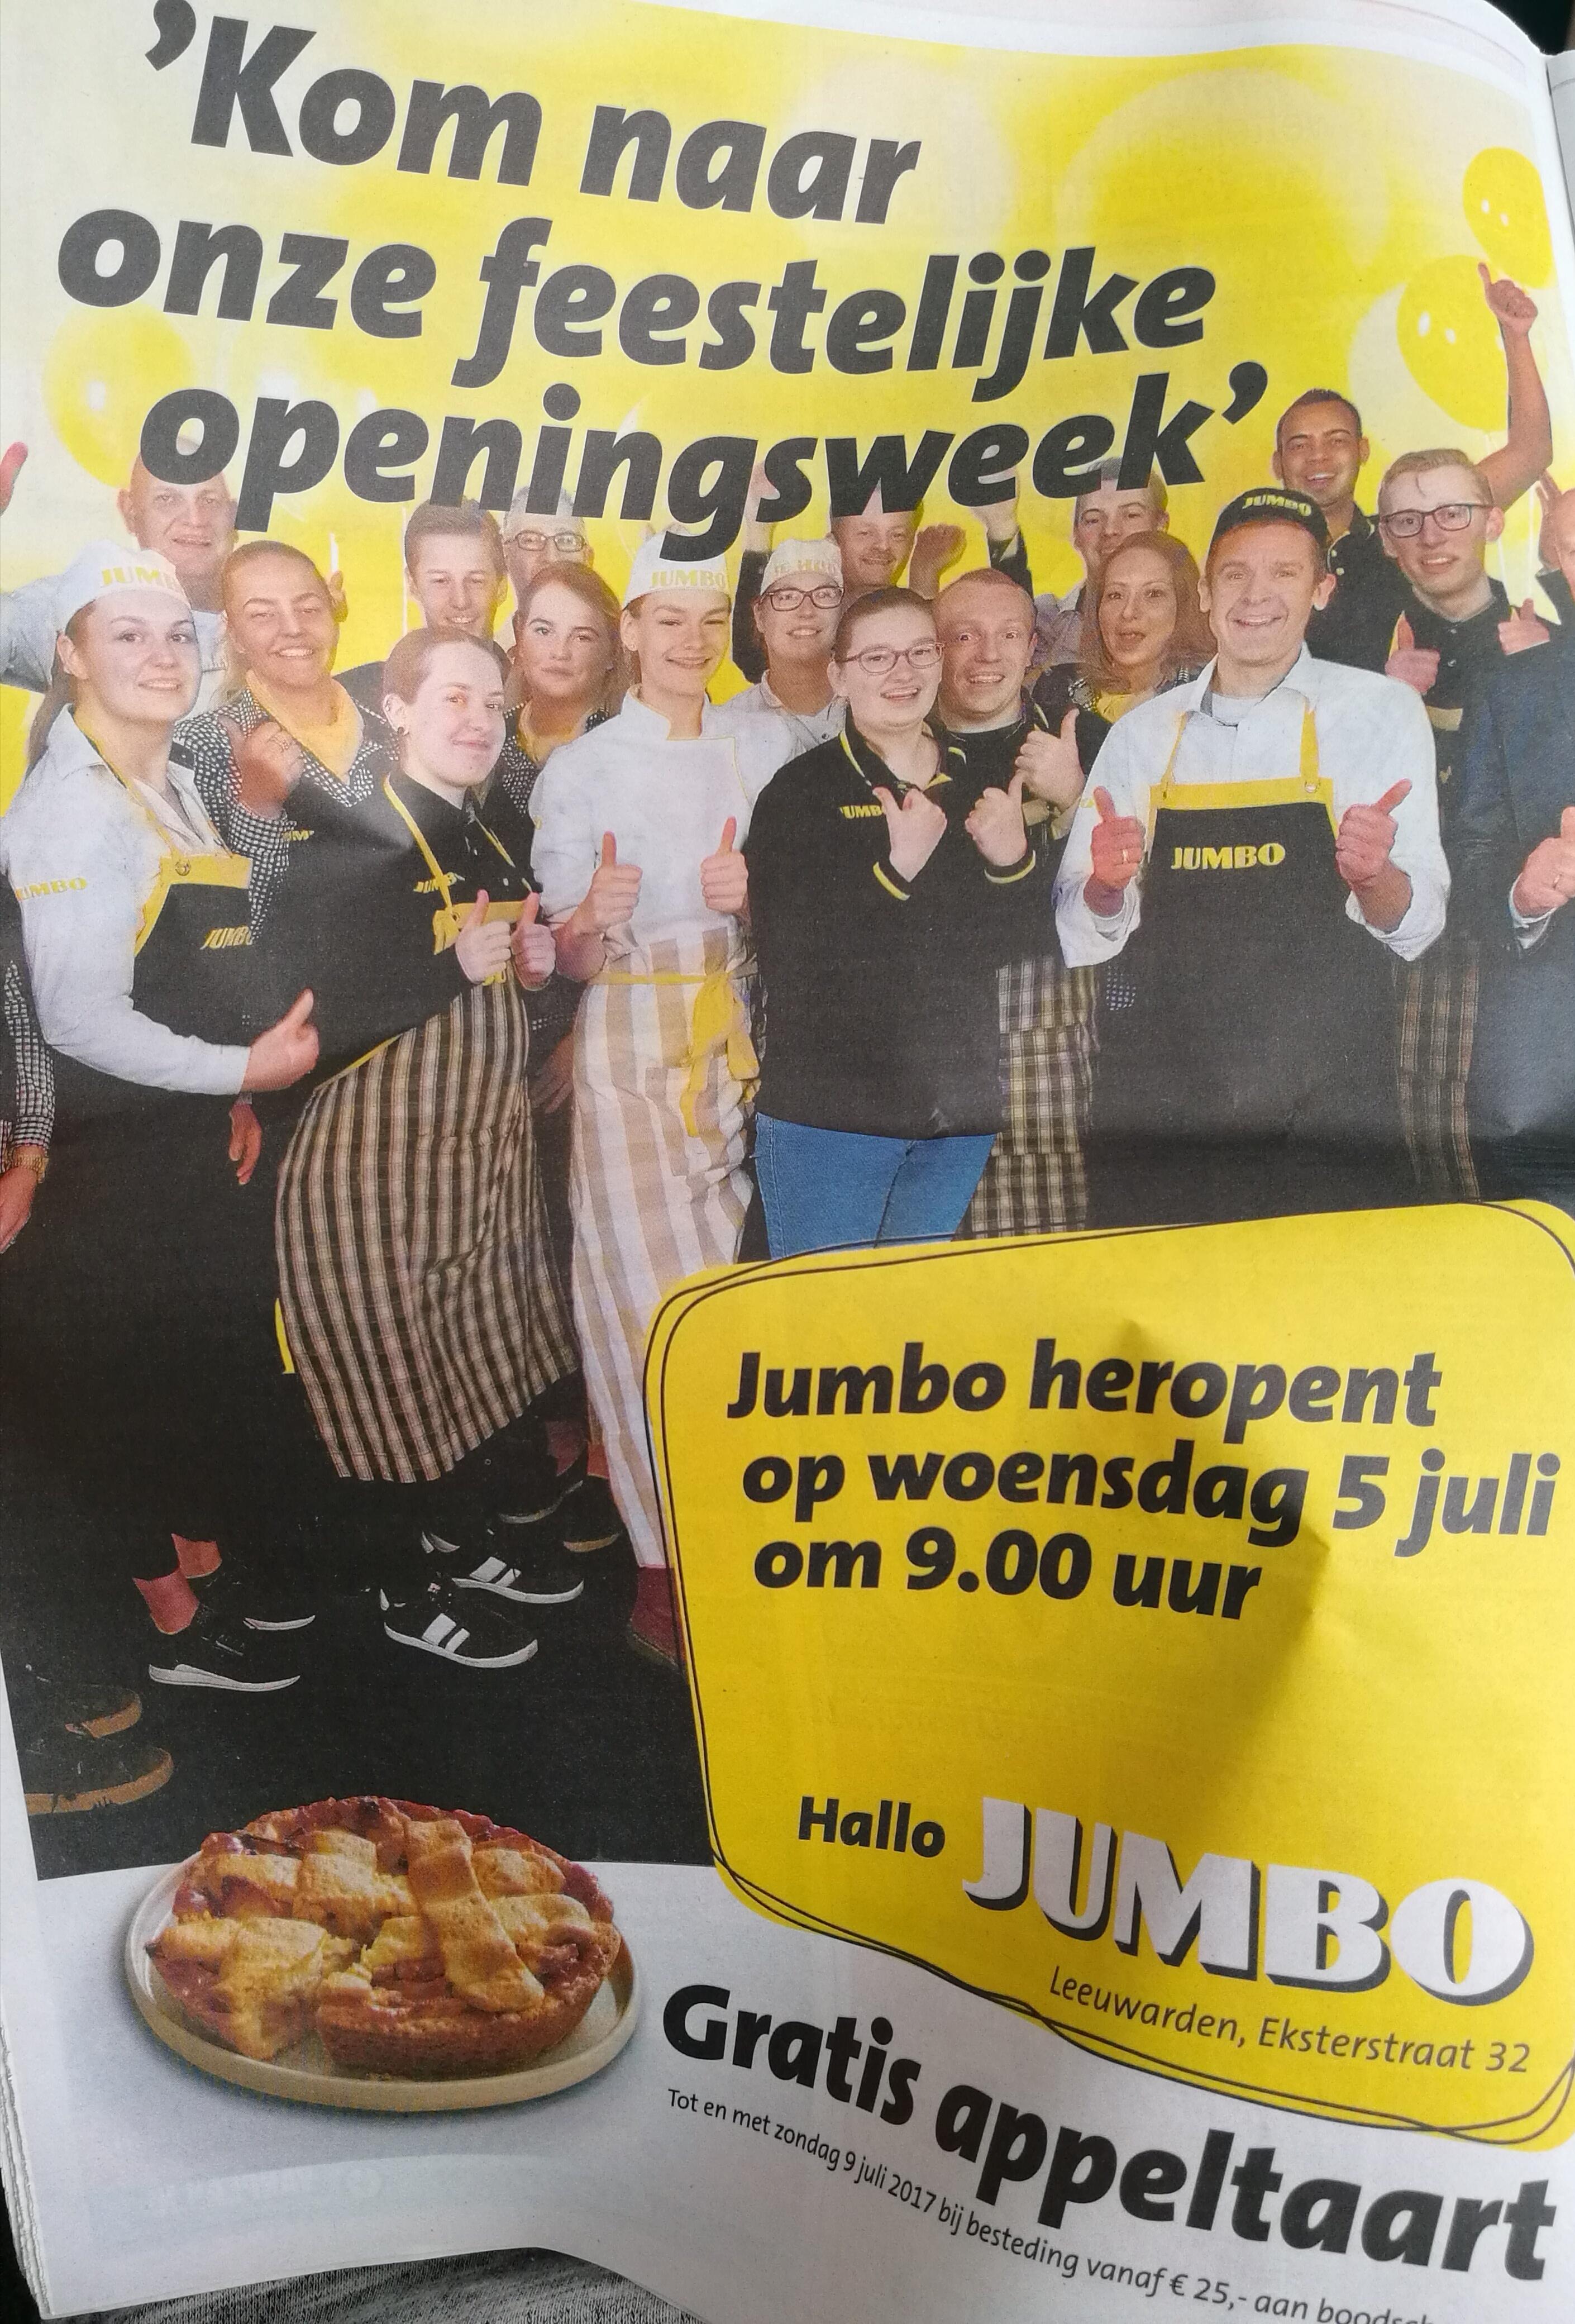 Gratis appeltaart bij €25 aan boodschappen @ Jumbo Eksterstraat Leeuwarden